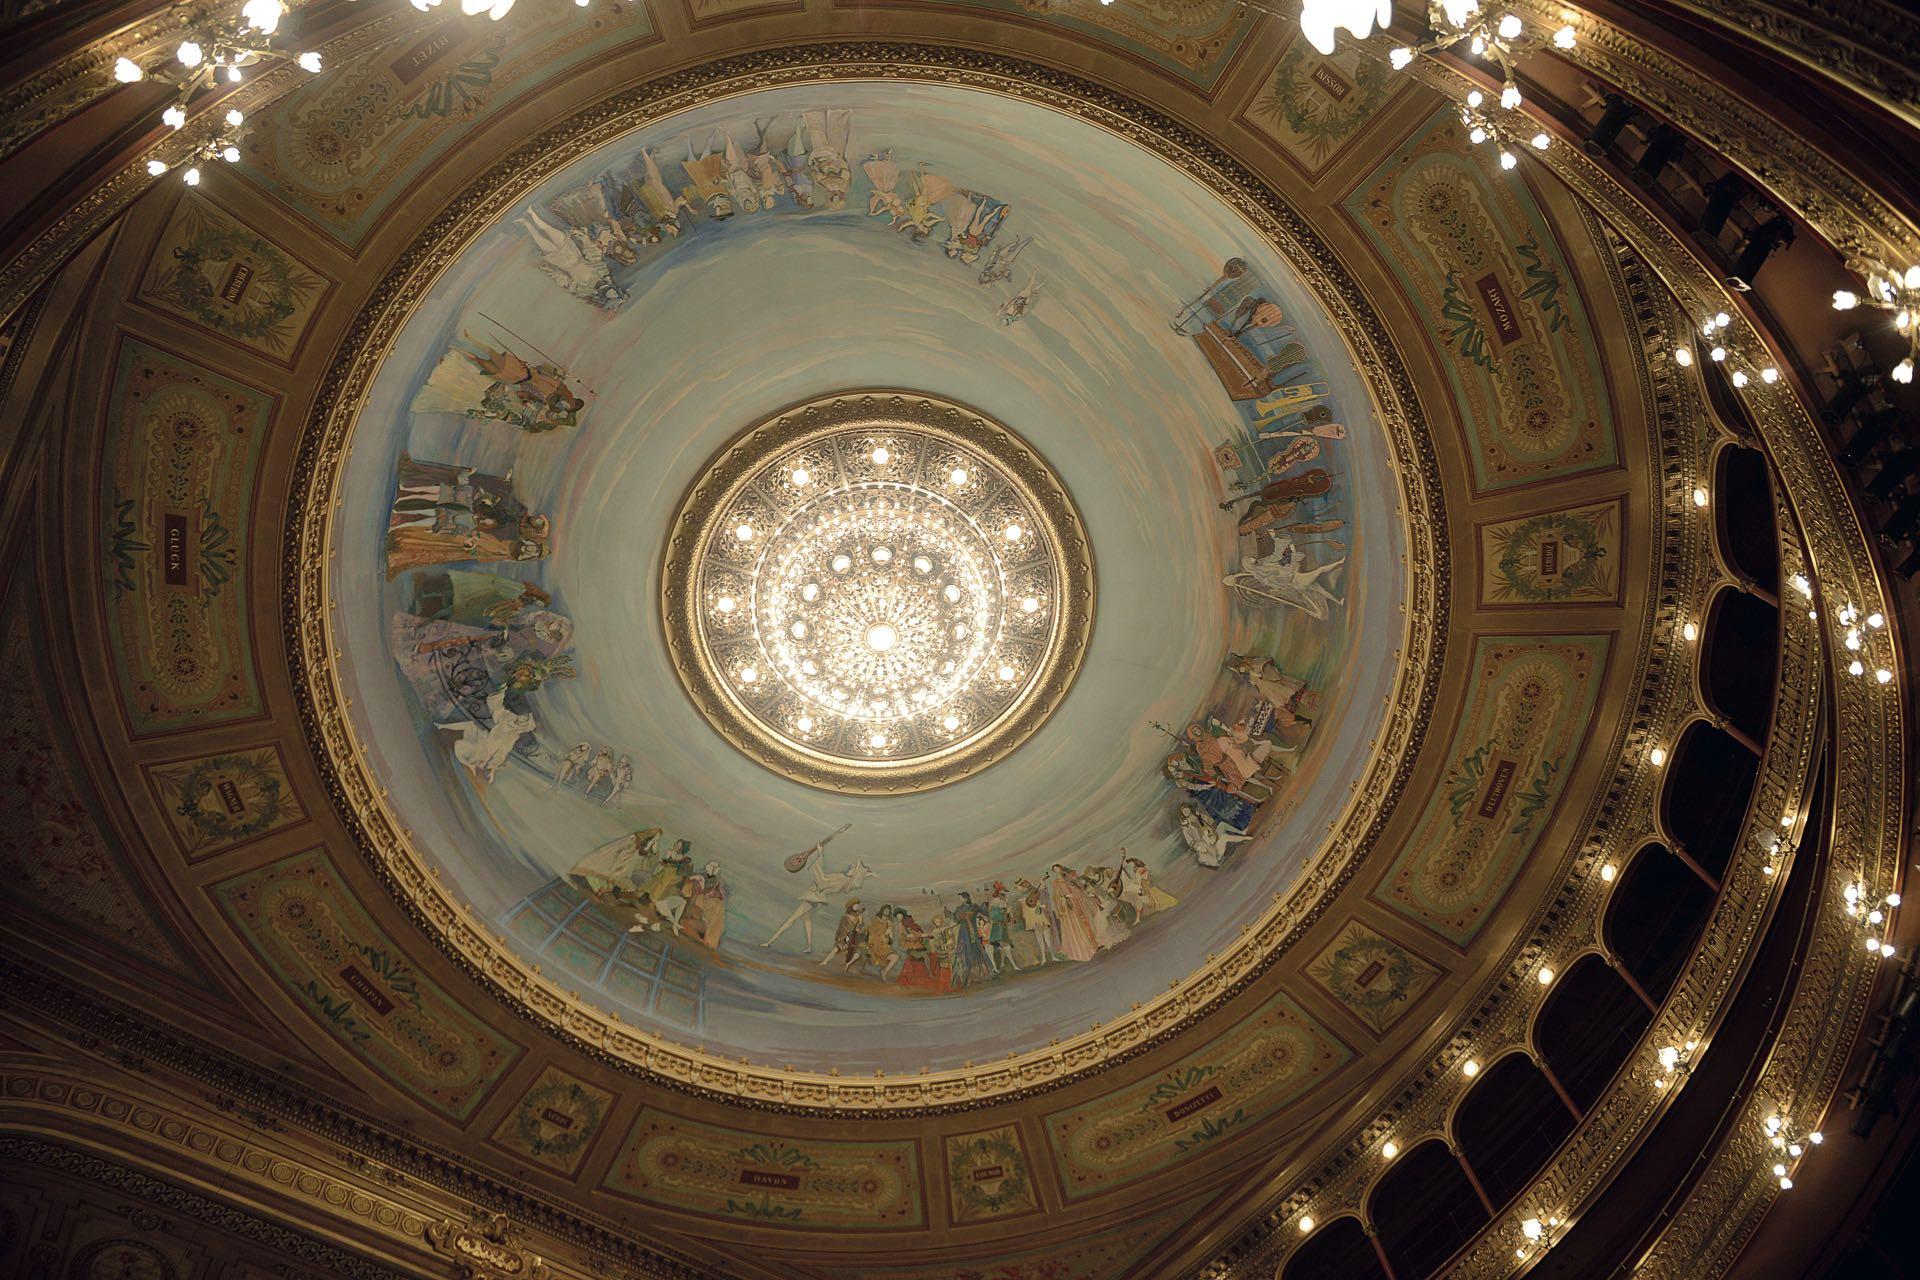 La cúpula del teatro Colón pintada por Raúl Soldi deslumbra a sus visitante, llevó 41 días de trabajo. Alegoría a la música, baile y canto